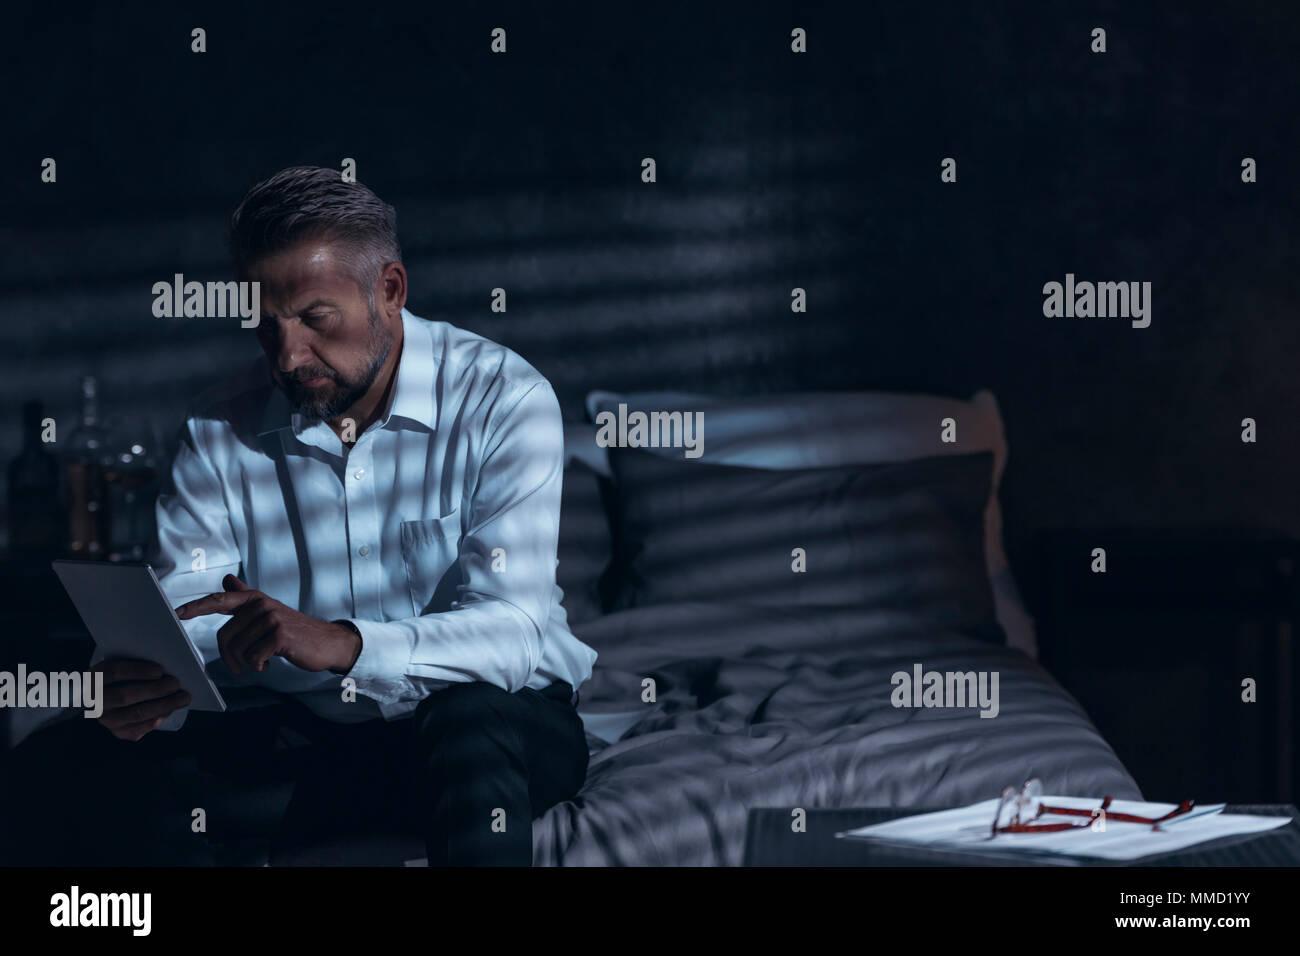 Esaurito di mezza età maschile seduto su un letto in una camera di albergo per la notte e cercando in un blocco per appunti durante la sua corporate viaggio di lavoro Immagini Stock